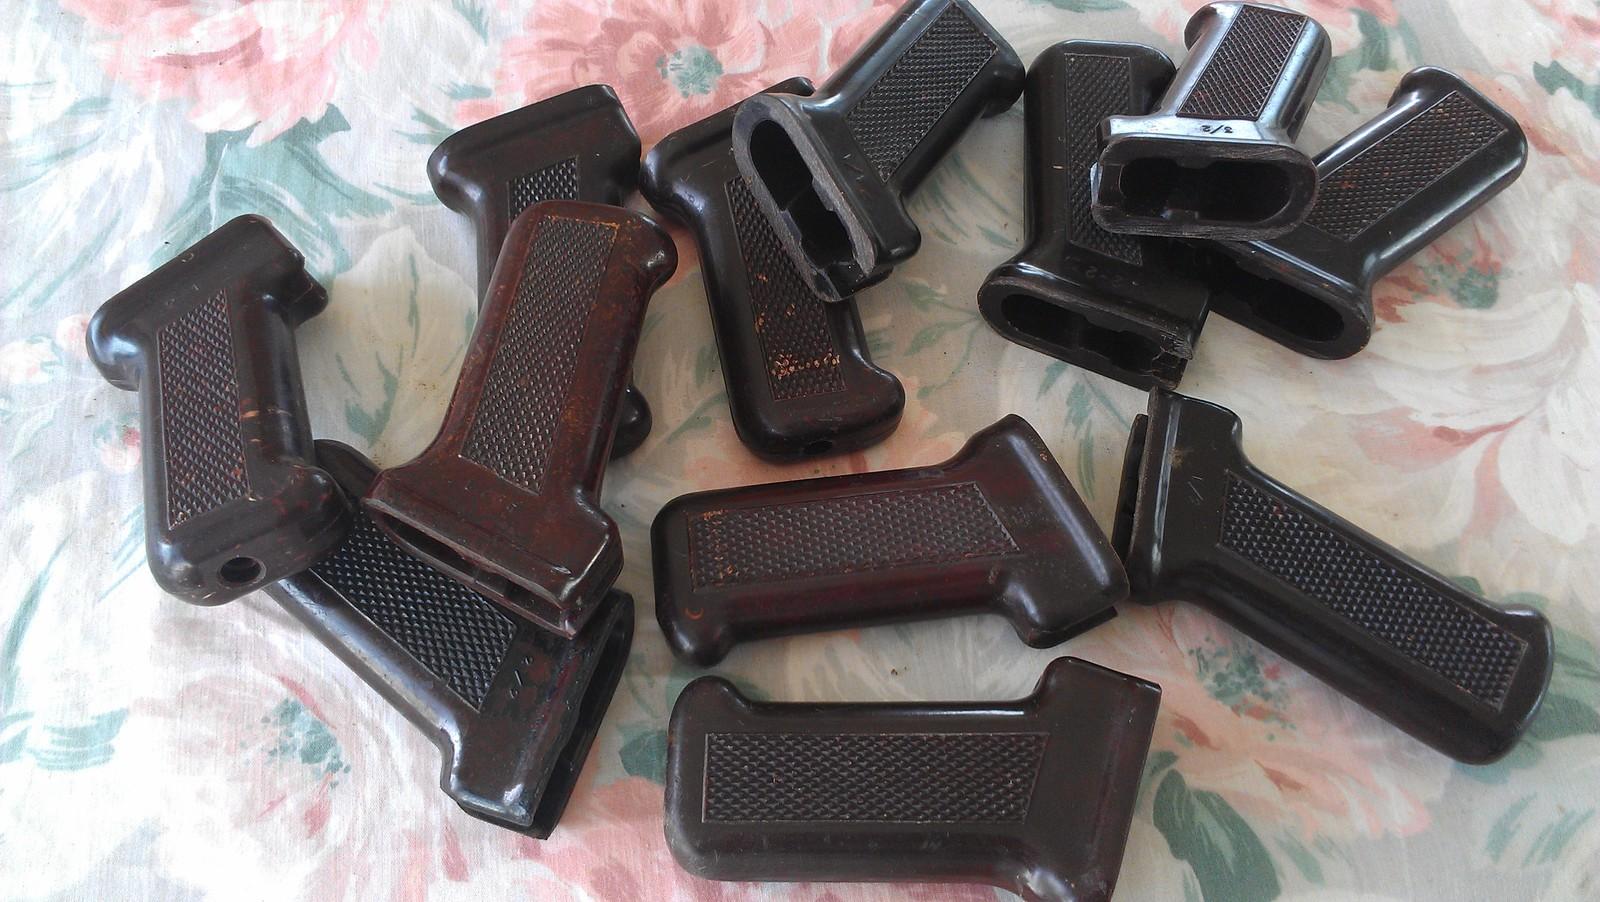 Genuine Russian Izhmash Bakelite Pistol Grip and 50 similar